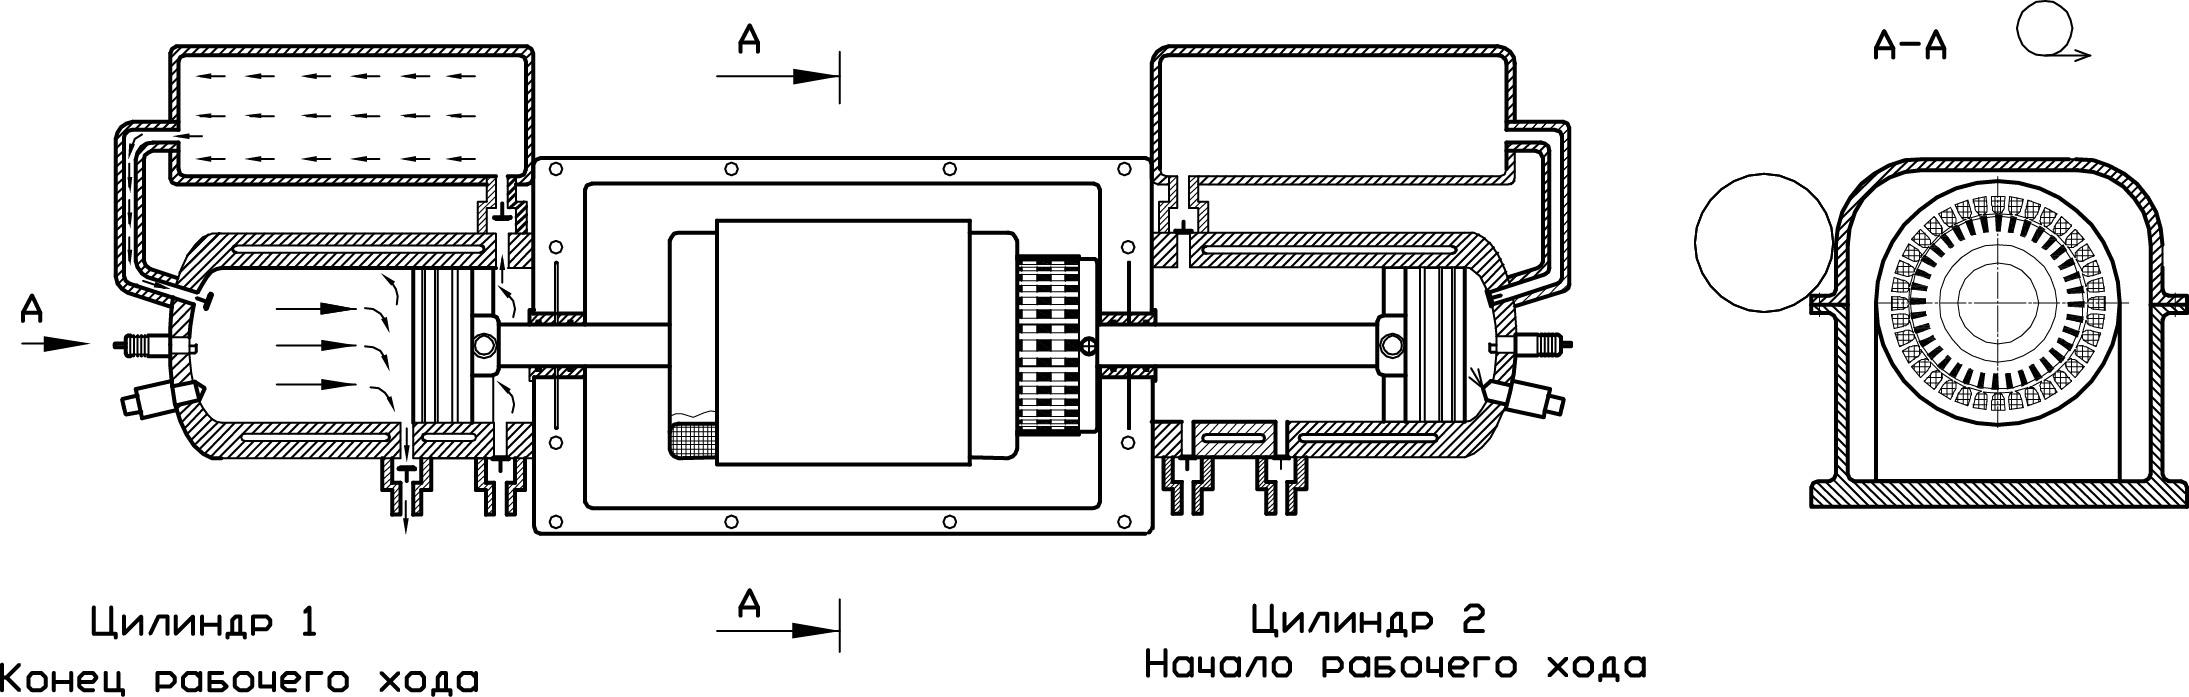 Двухтактный двухцилиндровый оппозитный ДВС с двумя ресиверами и одним генератором